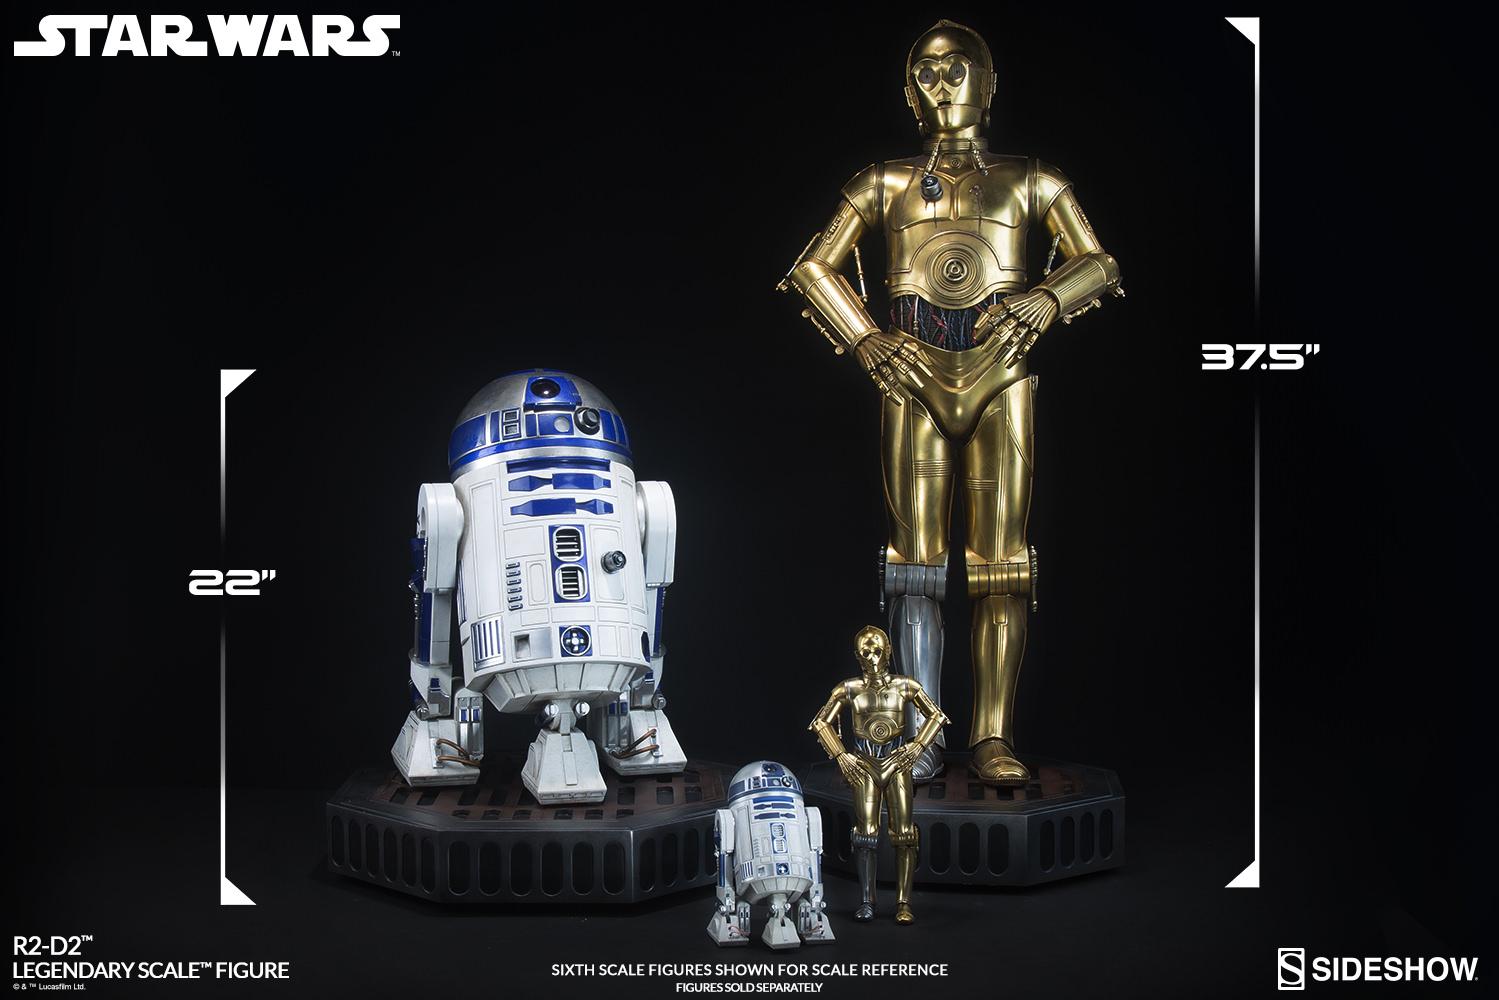 STAR WARS: R2-D2 Legendary scale figure Star-wars-r2-d2-legendary-scale-400155-16